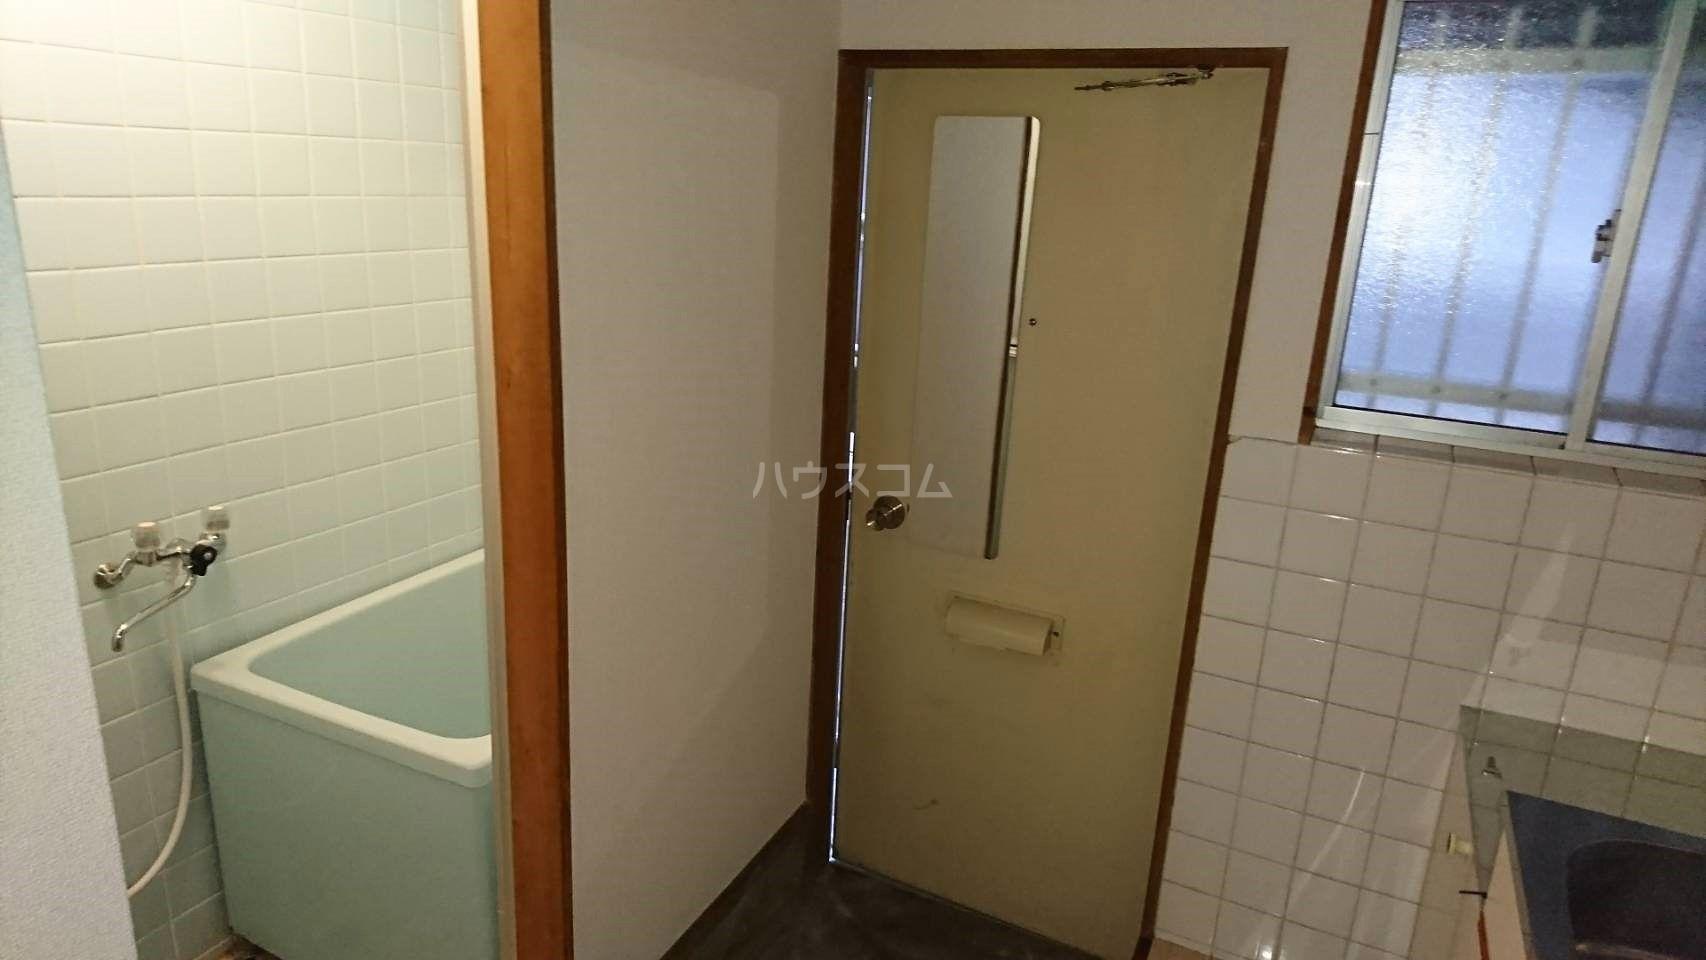 水谷コーポ 103号室のその他共有